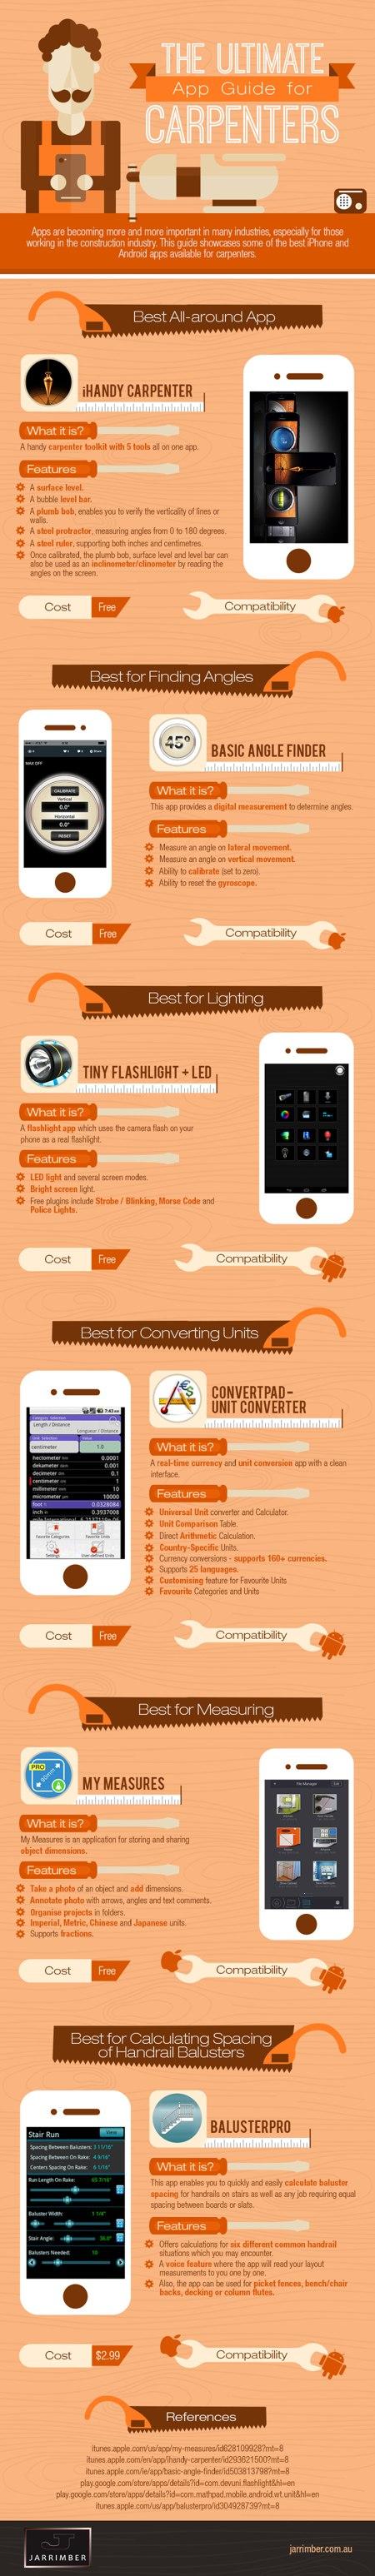 aplicaciones-utiles-carpinteria-infografia